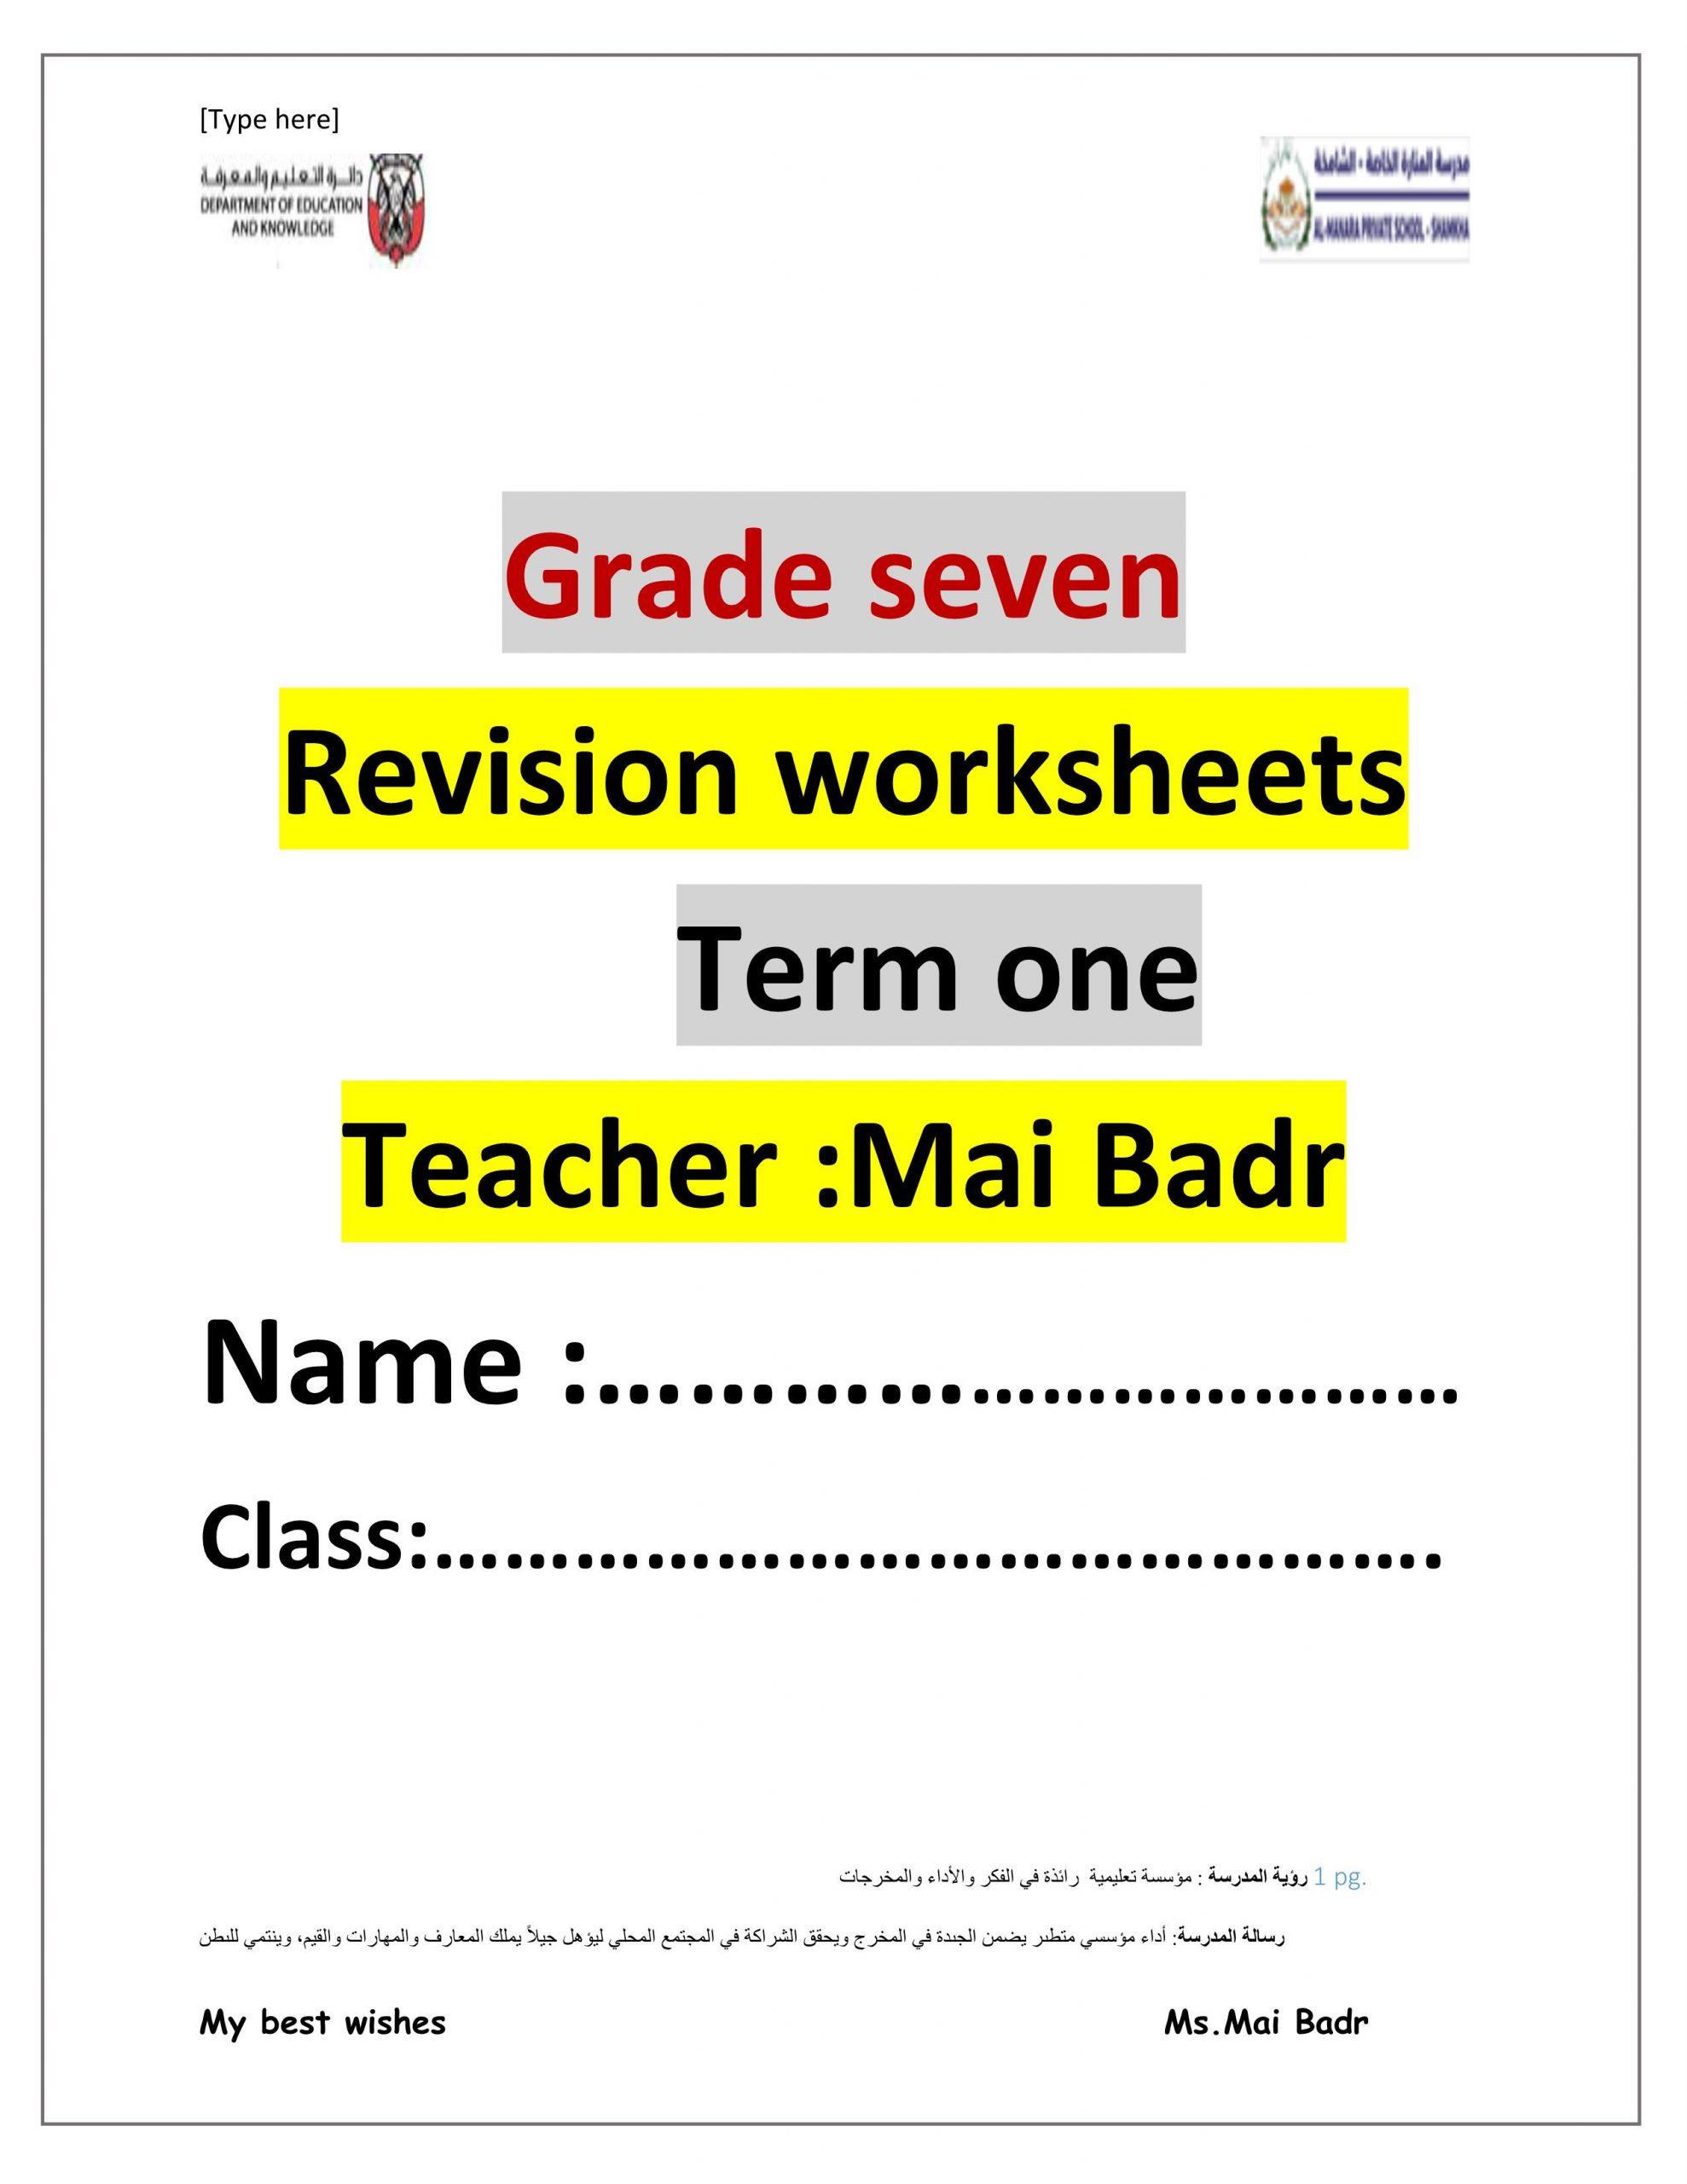 اوراق عمل Revision worksheets الصف السابع مادة اللغة الانجليزية